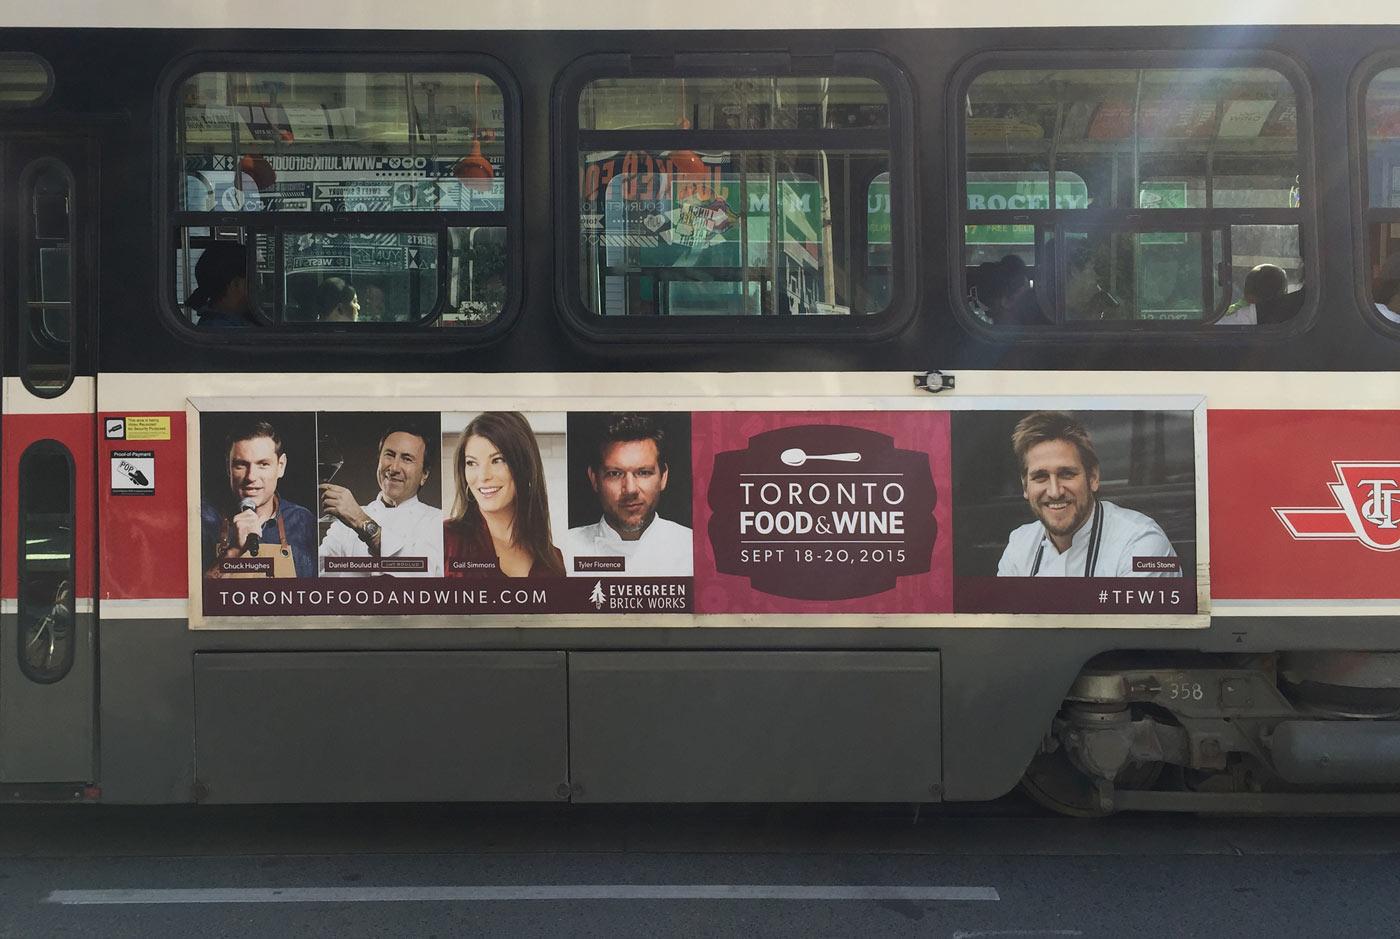 Toronto Food & Wine Show Transit Advertising